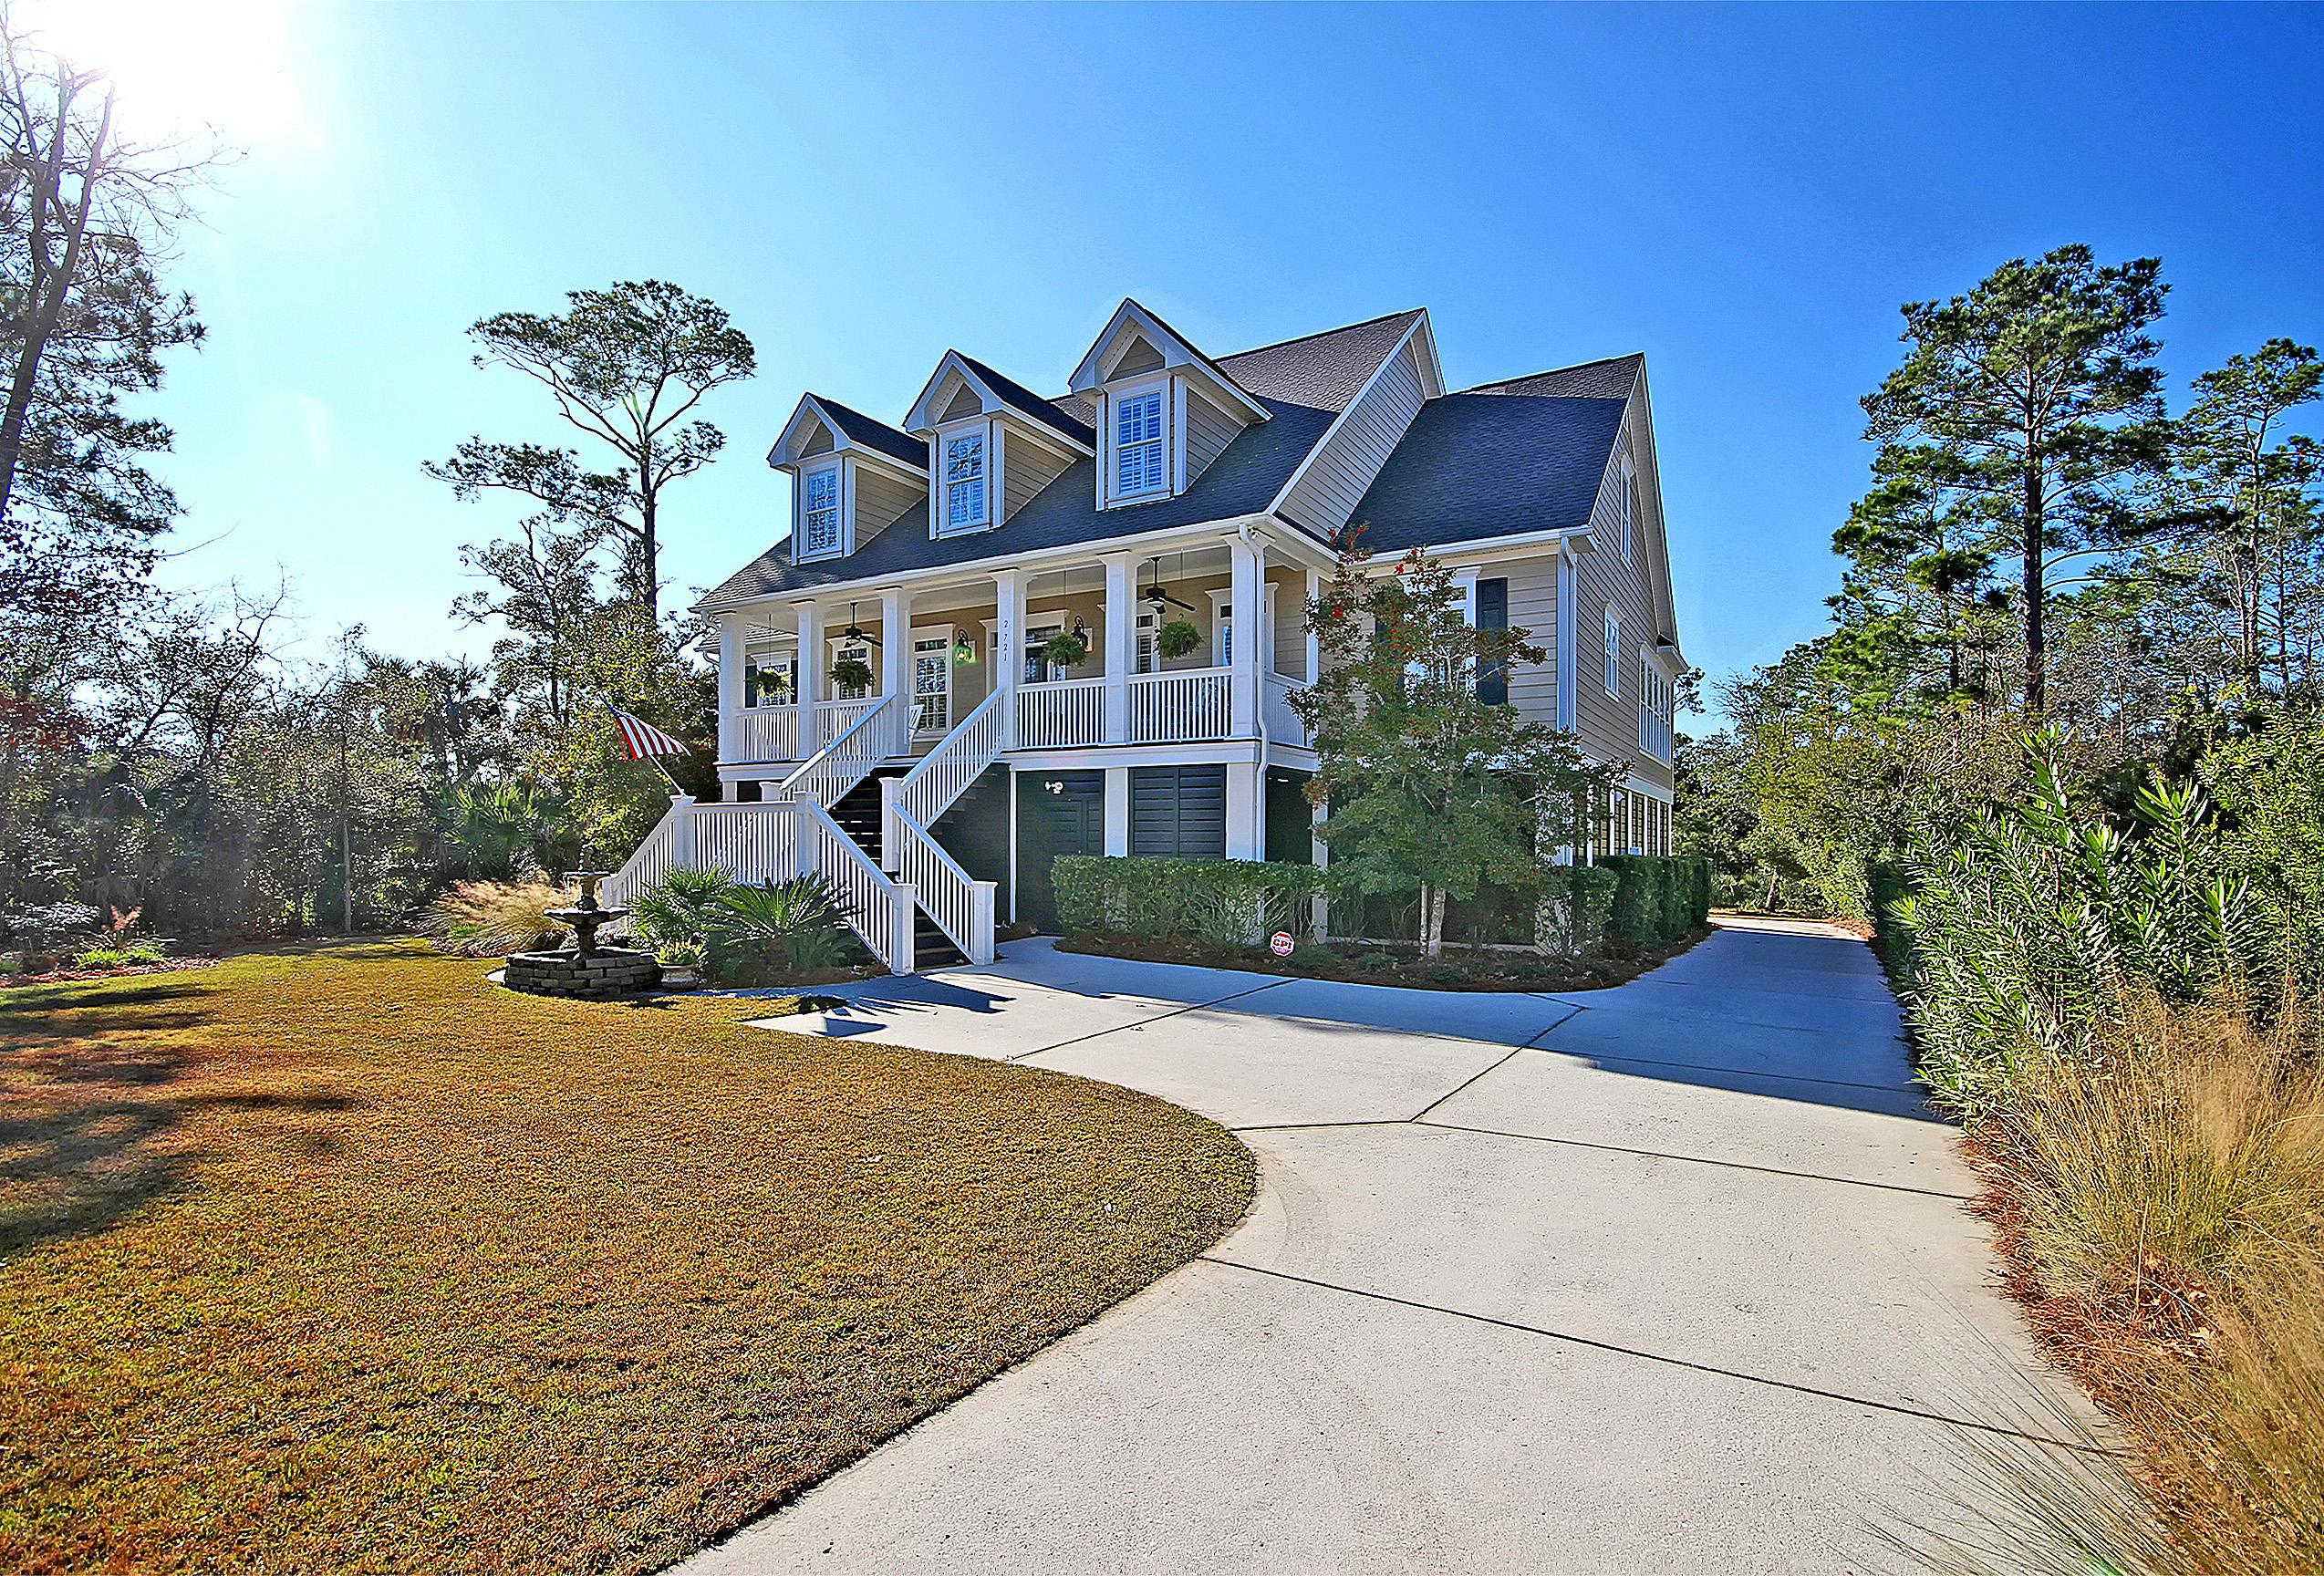 Dunes West Homes For Sale - 2721 Fountainhead, Mount Pleasant, SC - 24